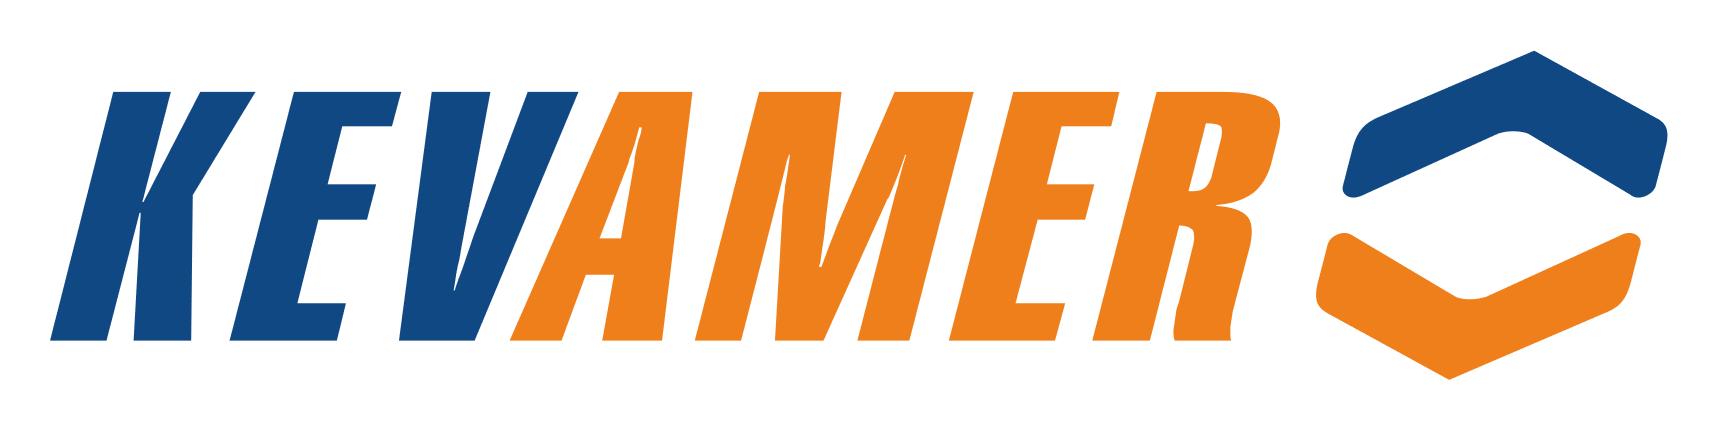 Kevamer OÜ